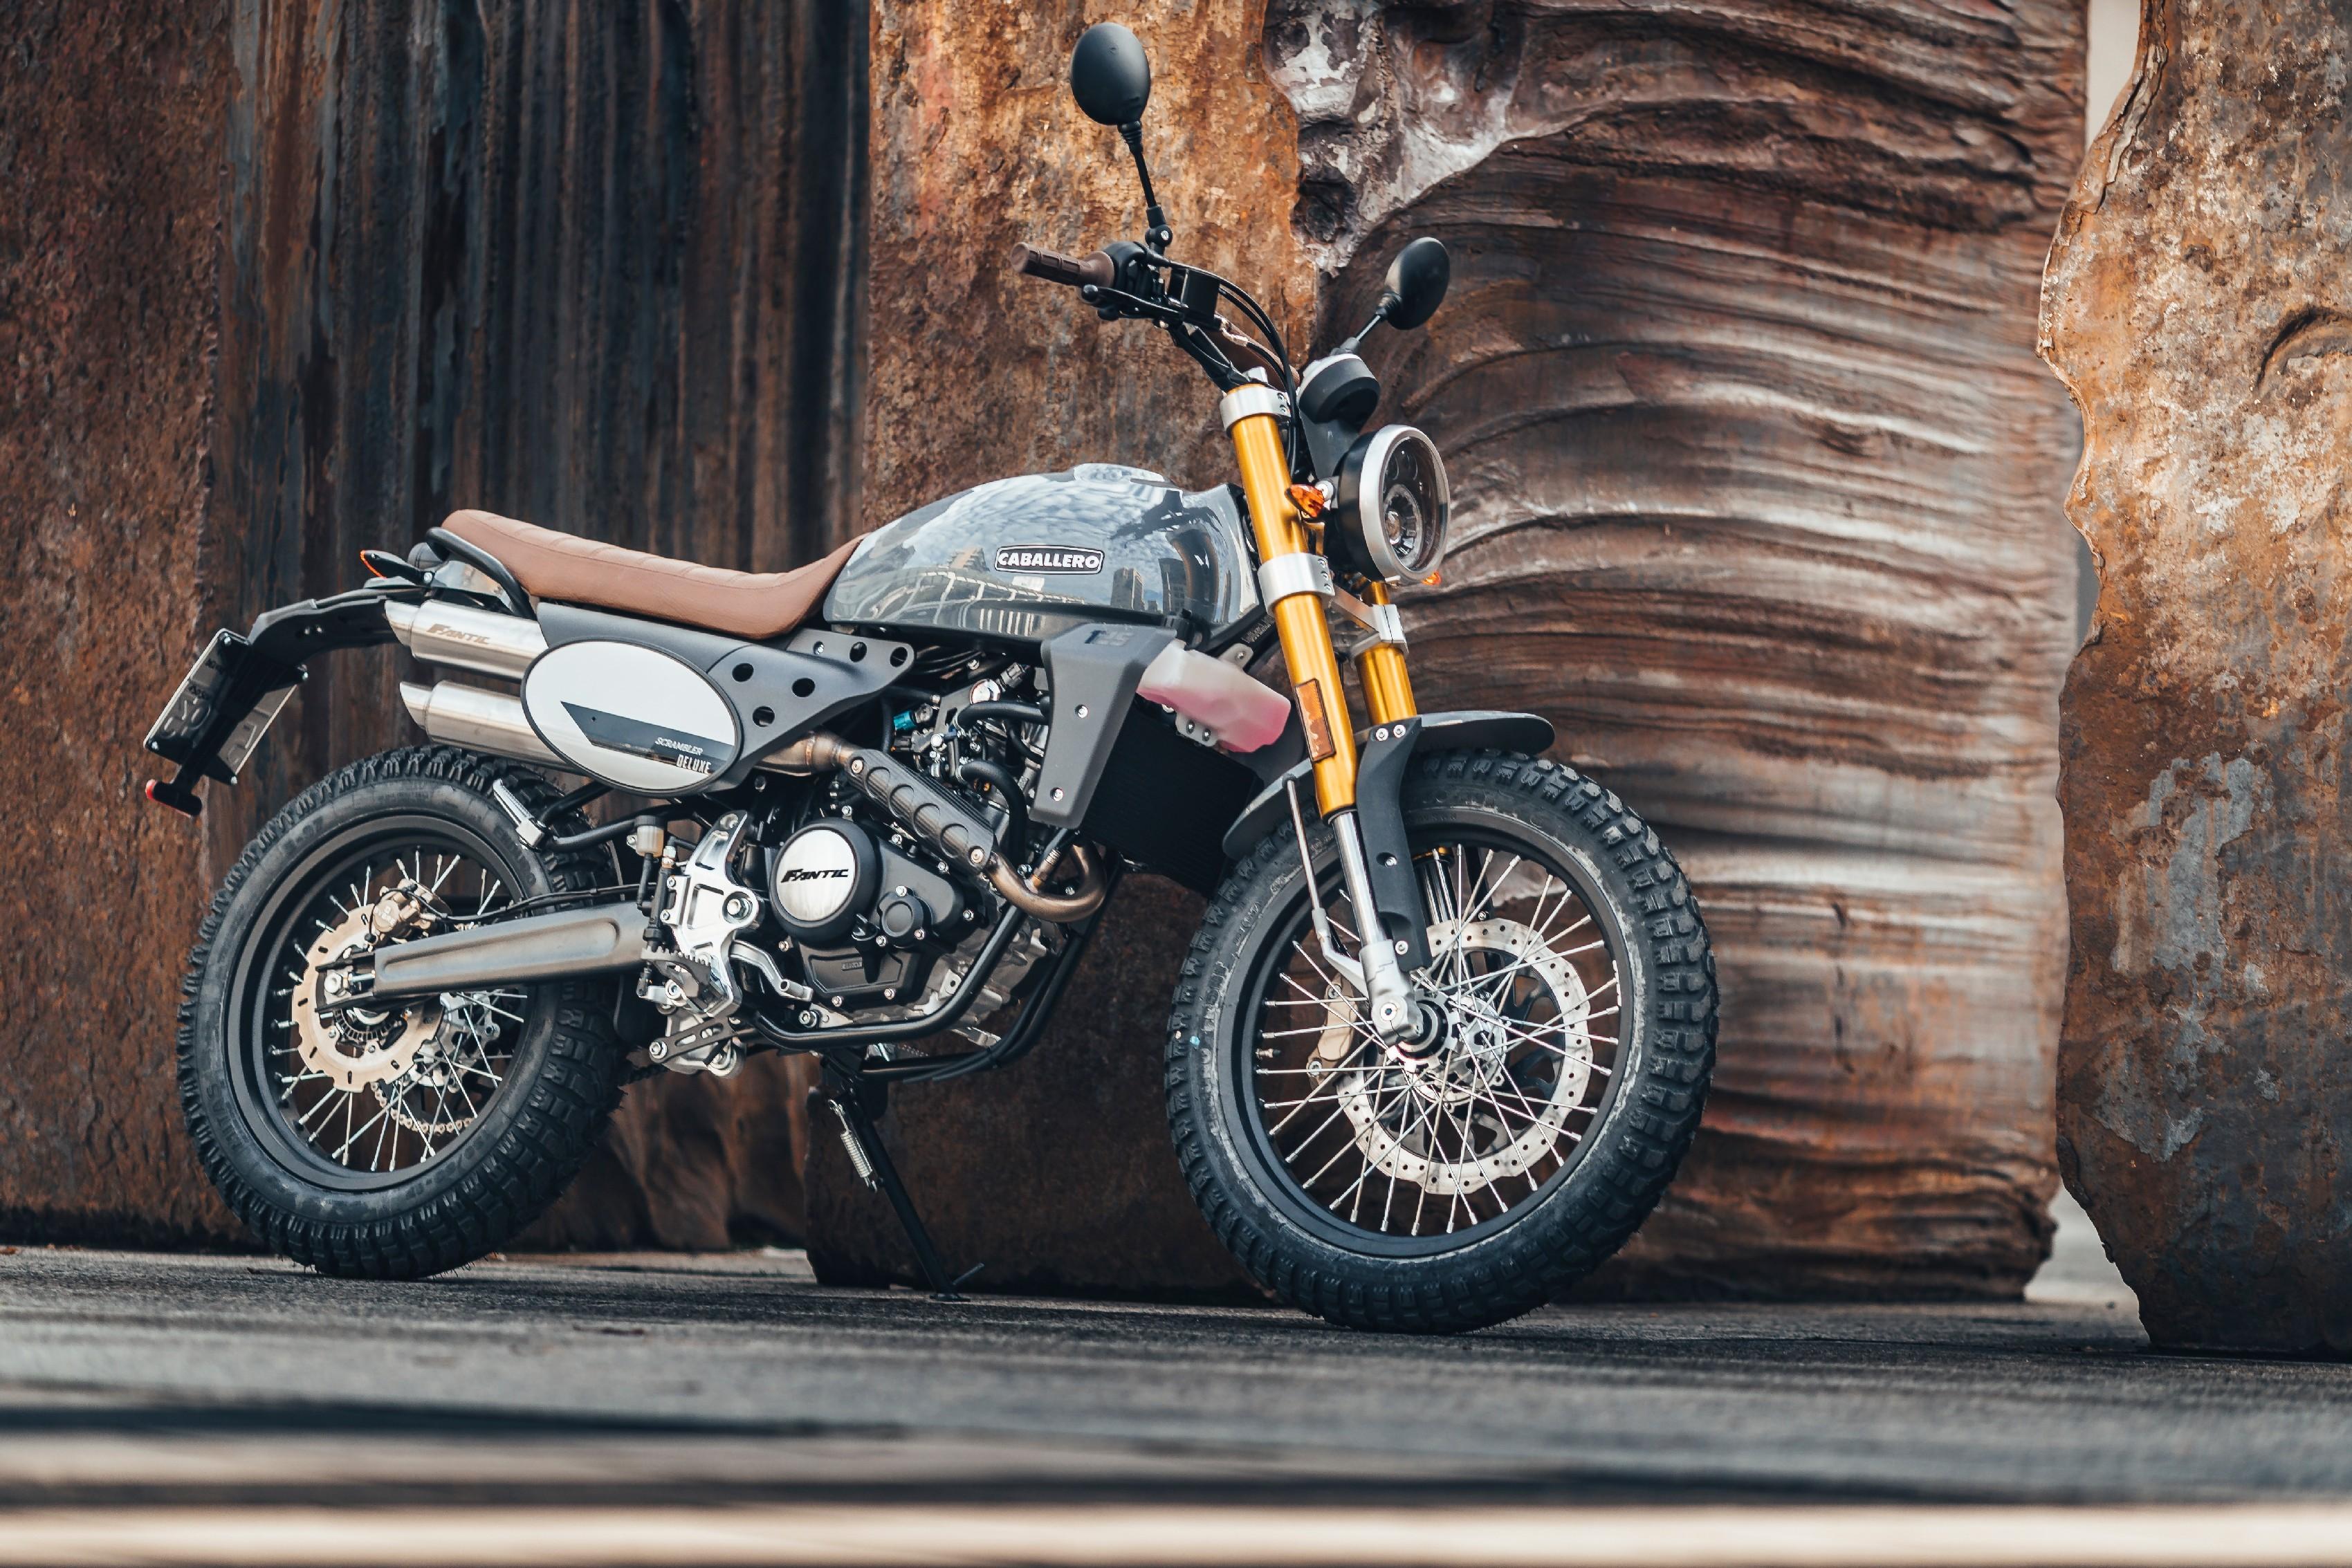 FANTIC CABALLERO Deluxe 125cc